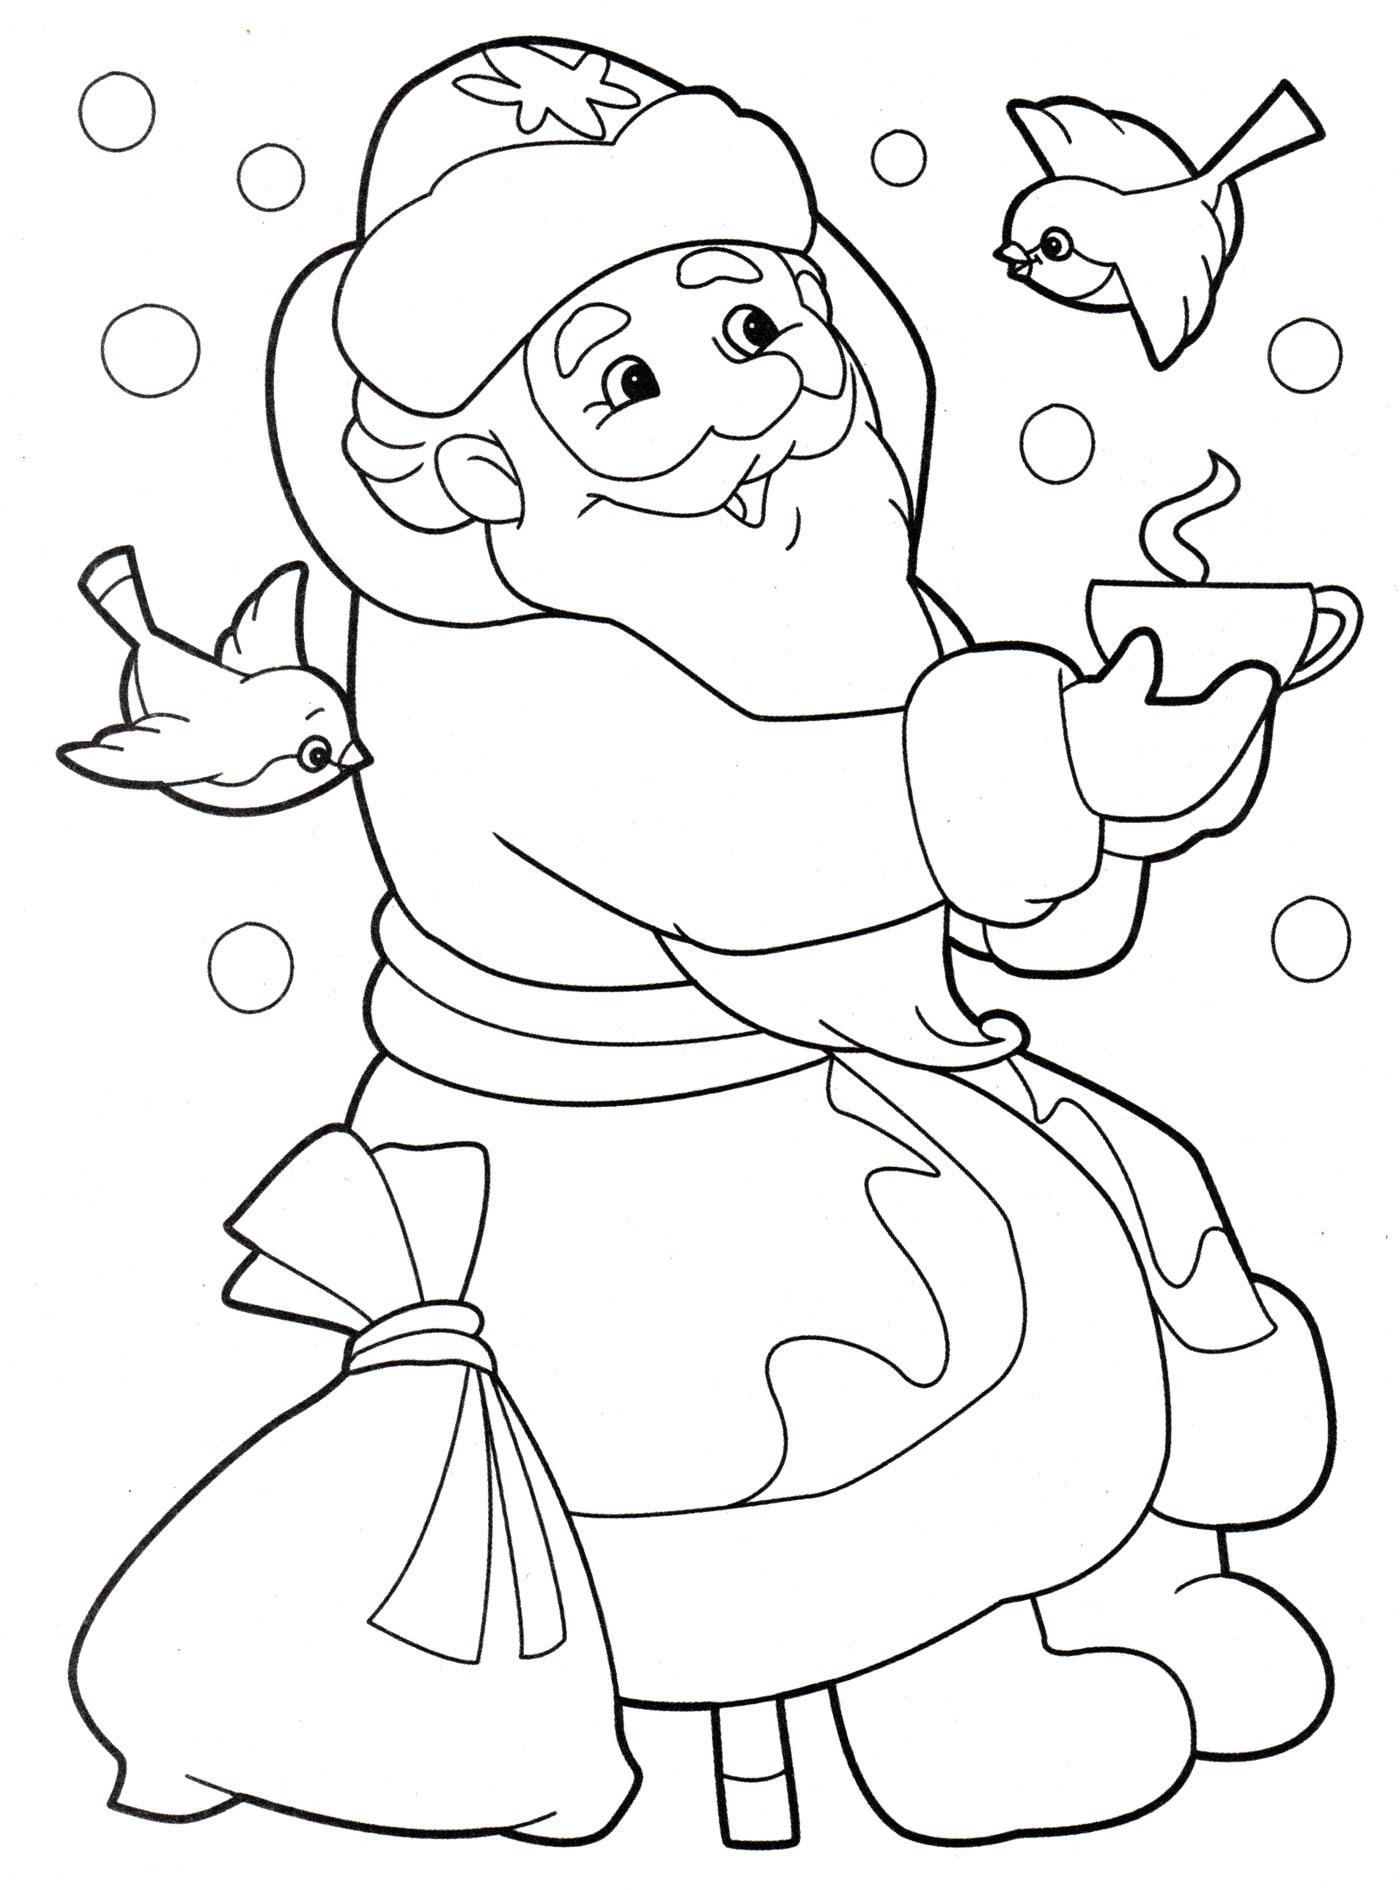 Раскраска Дед мороз пьет чай - распечатать бесплатно